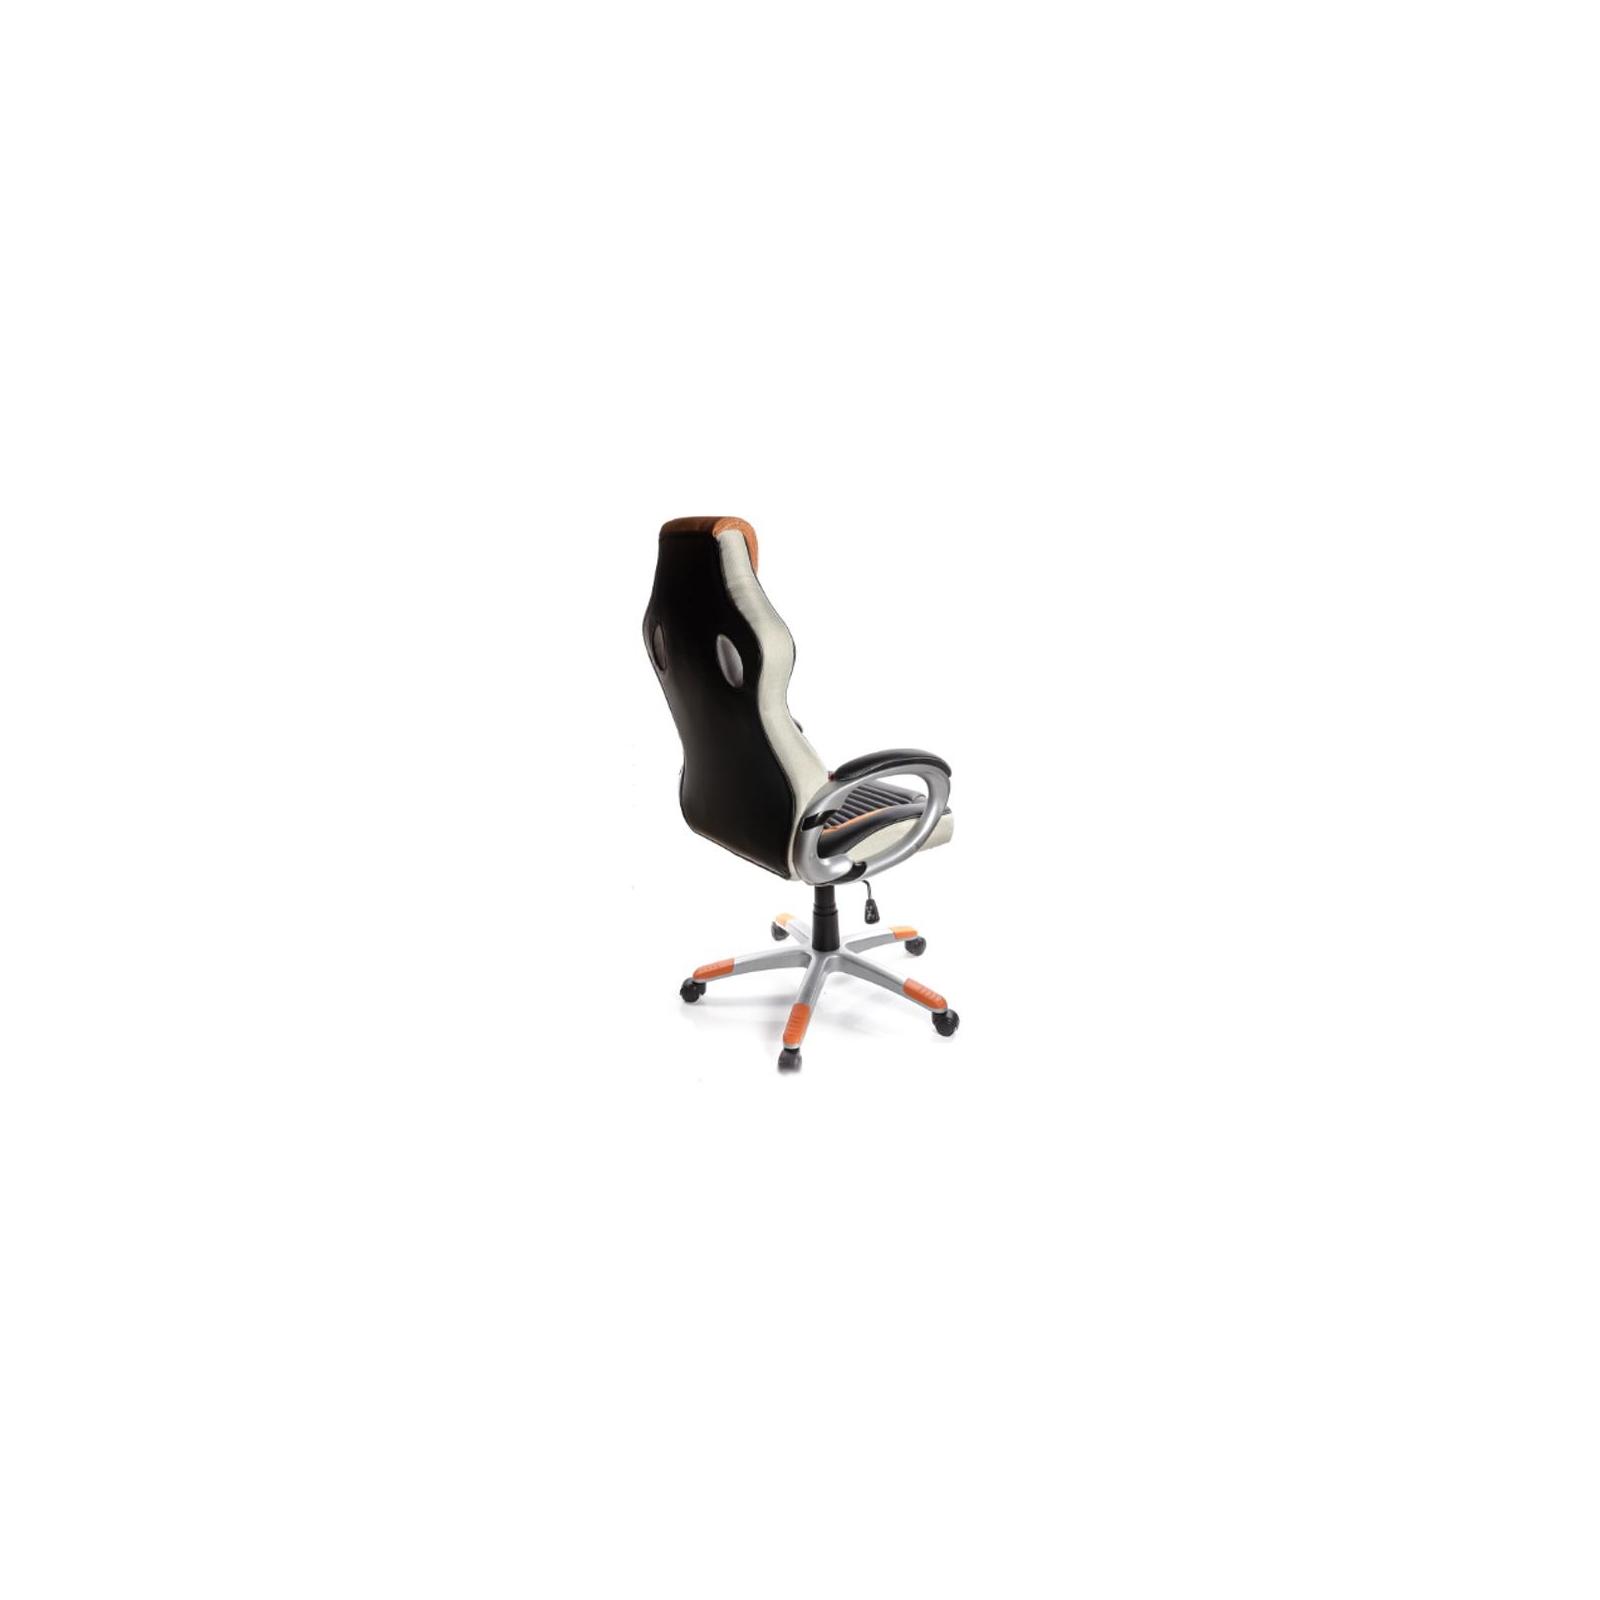 Кресло игровое АКЛАС Григ PL TILT Оранжевое (06157) изображение 5